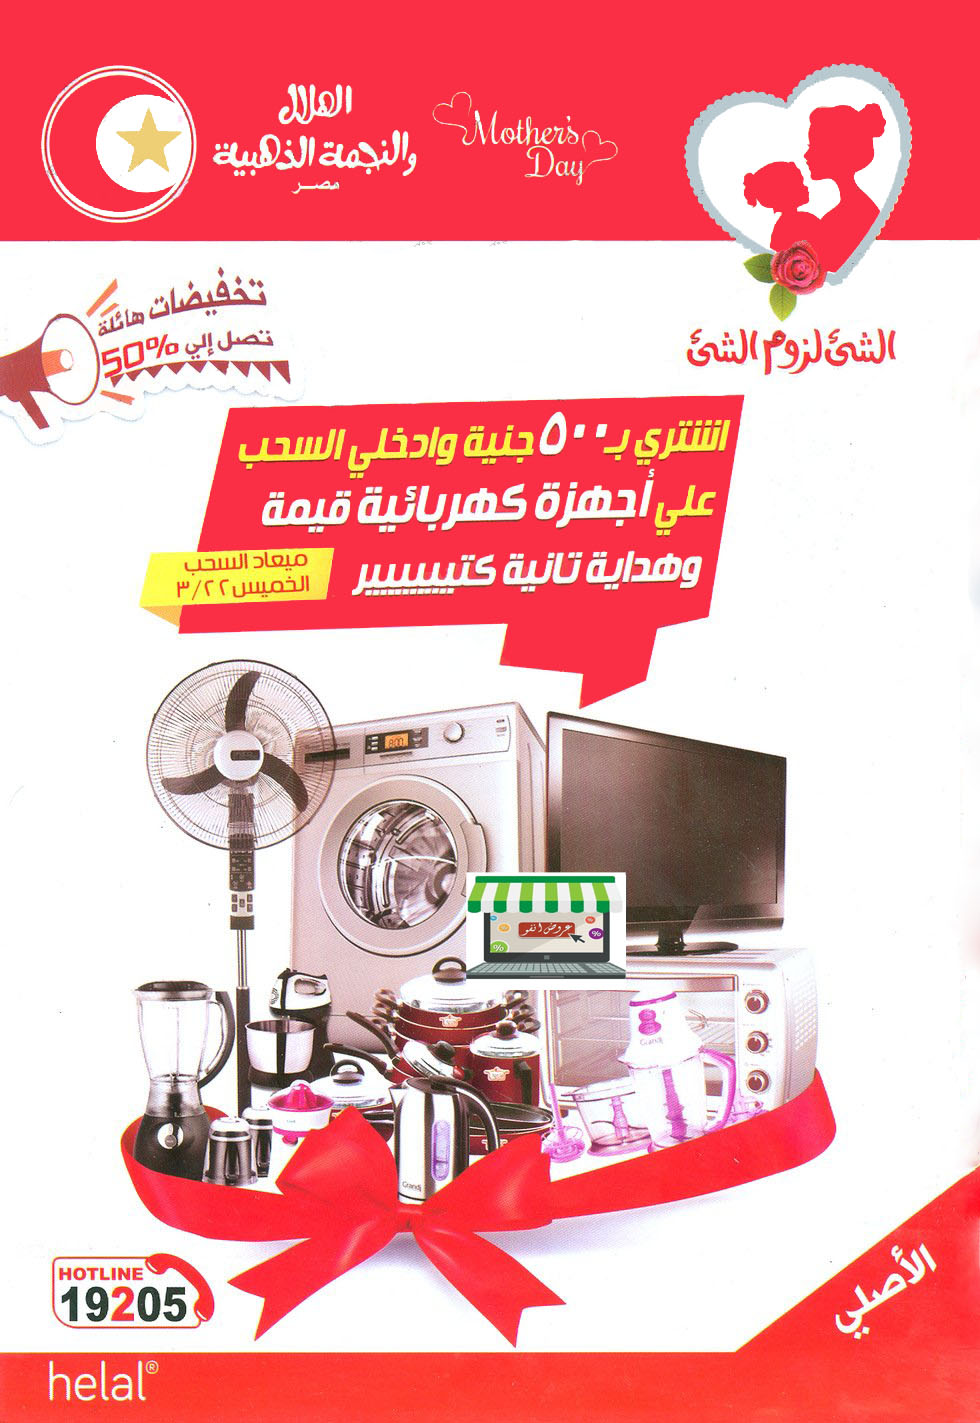 معرض القاهرة الدولى للادوات المنزلية 2018 بارض المعارض